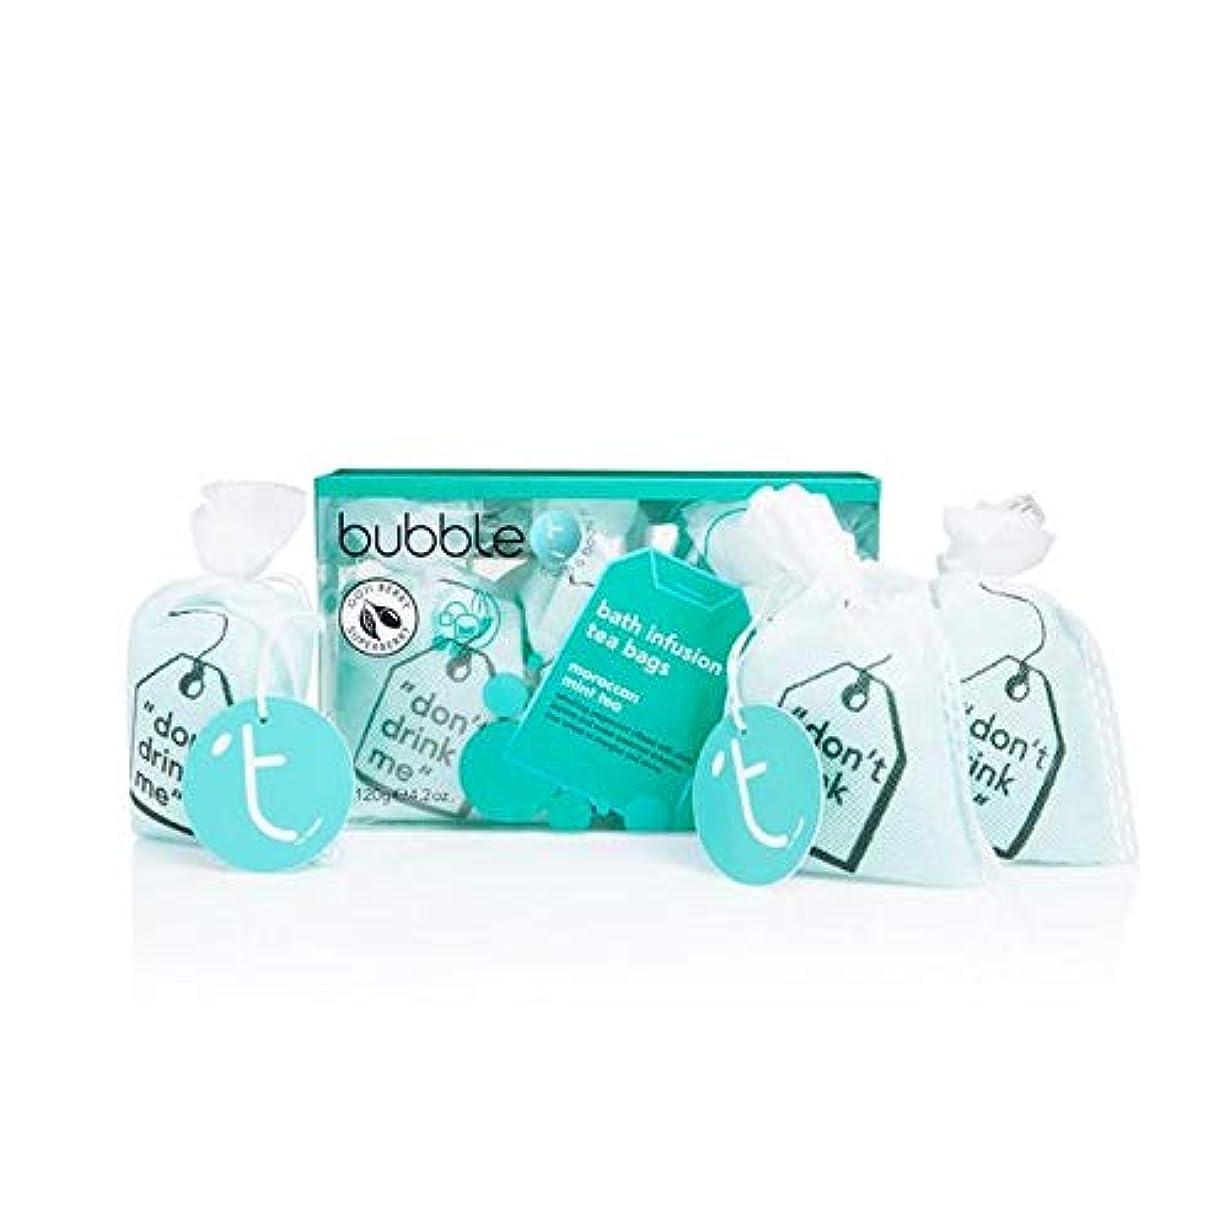 ズーム受動的のホスト[Bubble T ] バブルトン化粧品モロッコのミントティー風呂輸液トンバッグ - Bubble T Cosmetics Moroccan Mint Tea Bath Infusion T-Bags [並行輸入品]